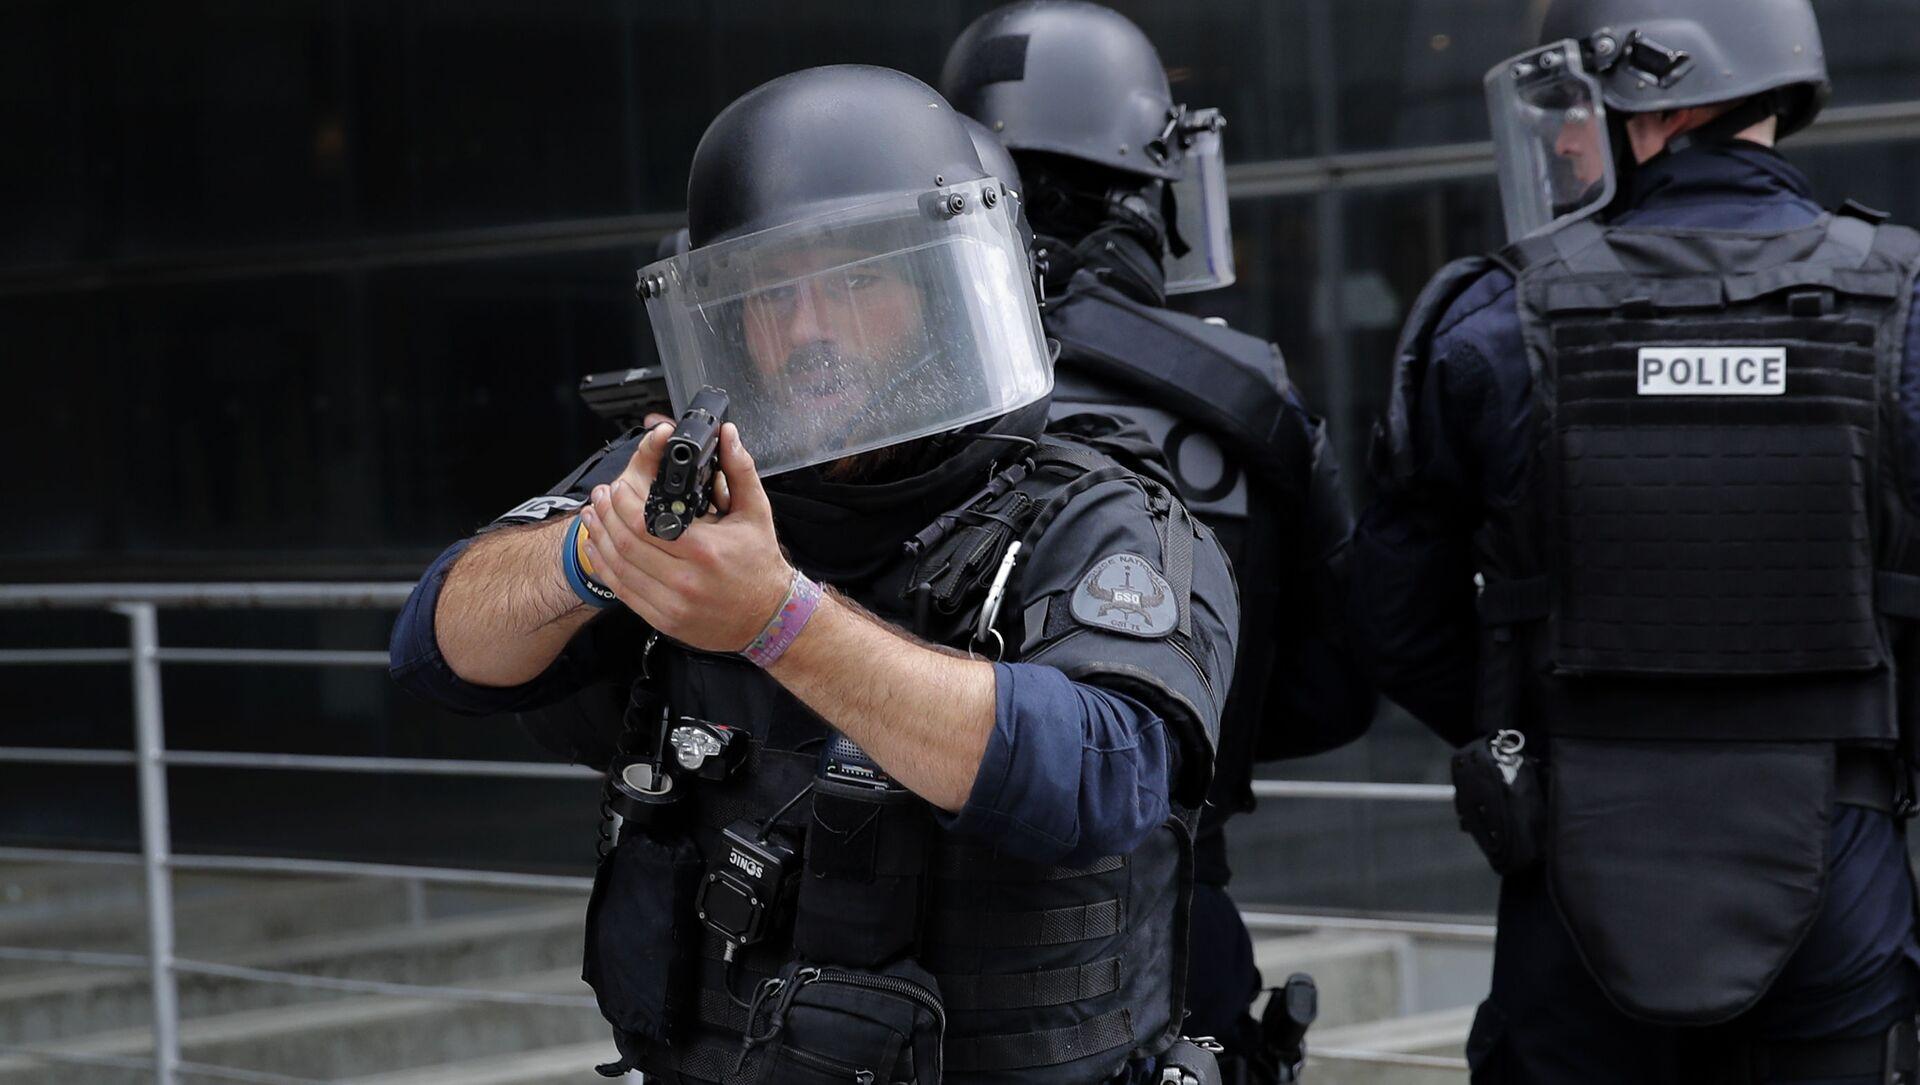 Francuska policja - Sputnik Polska, 1920, 19.05.2021